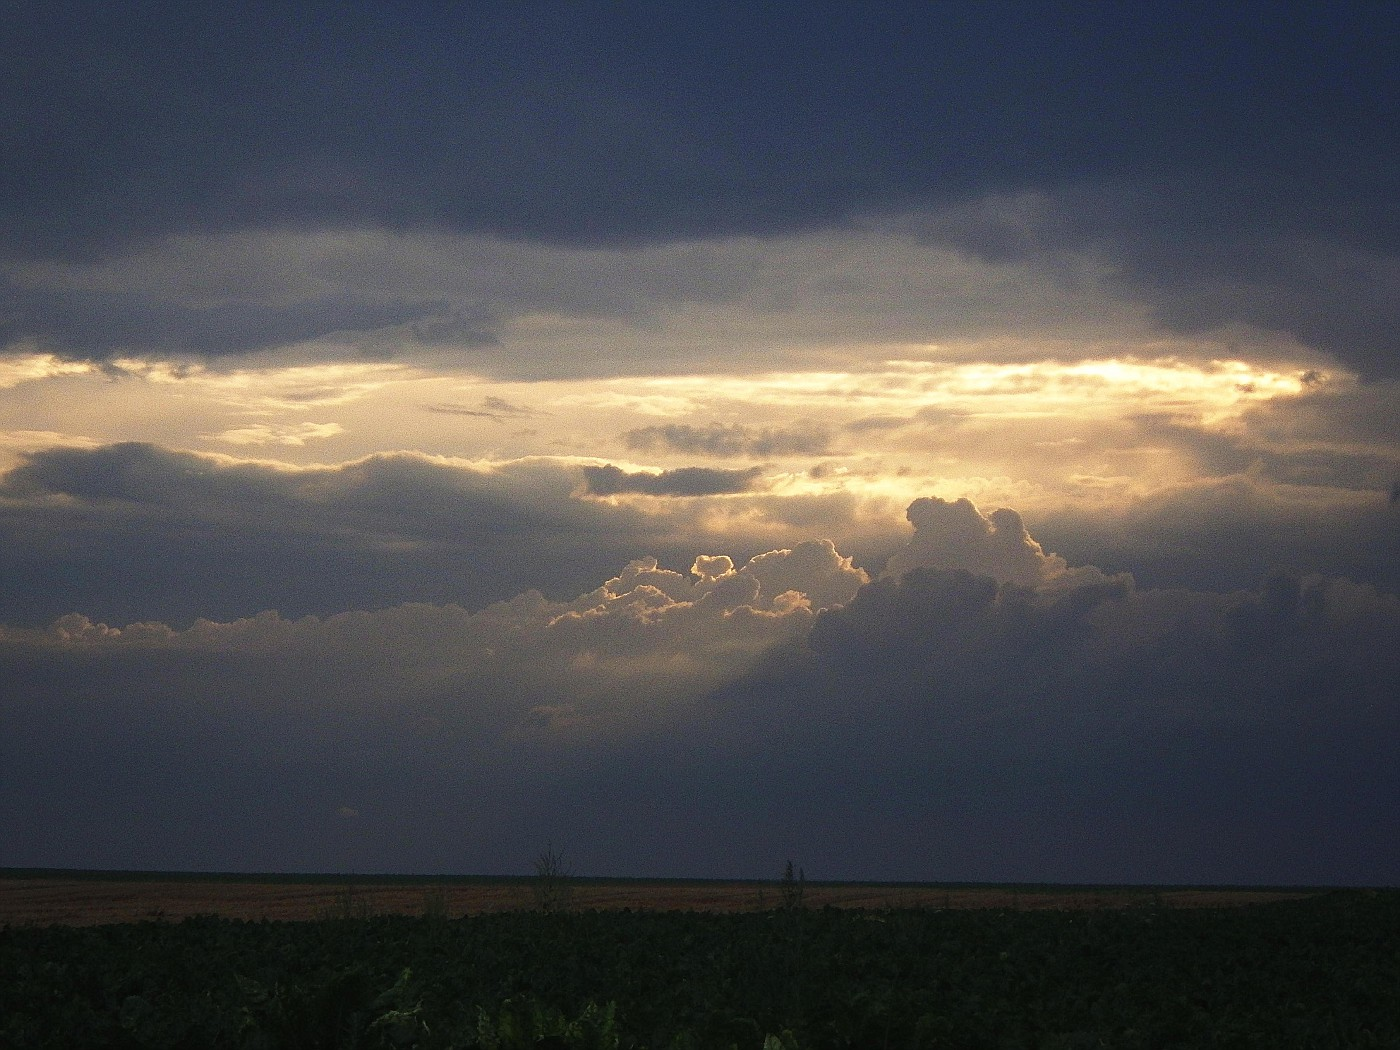 Trou nuageuse